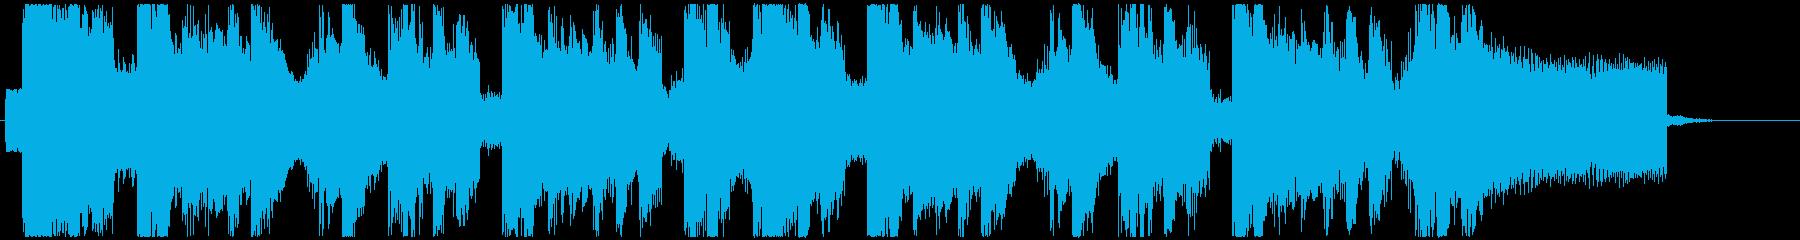 ピコピコゲームの勝利ジングルの再生済みの波形